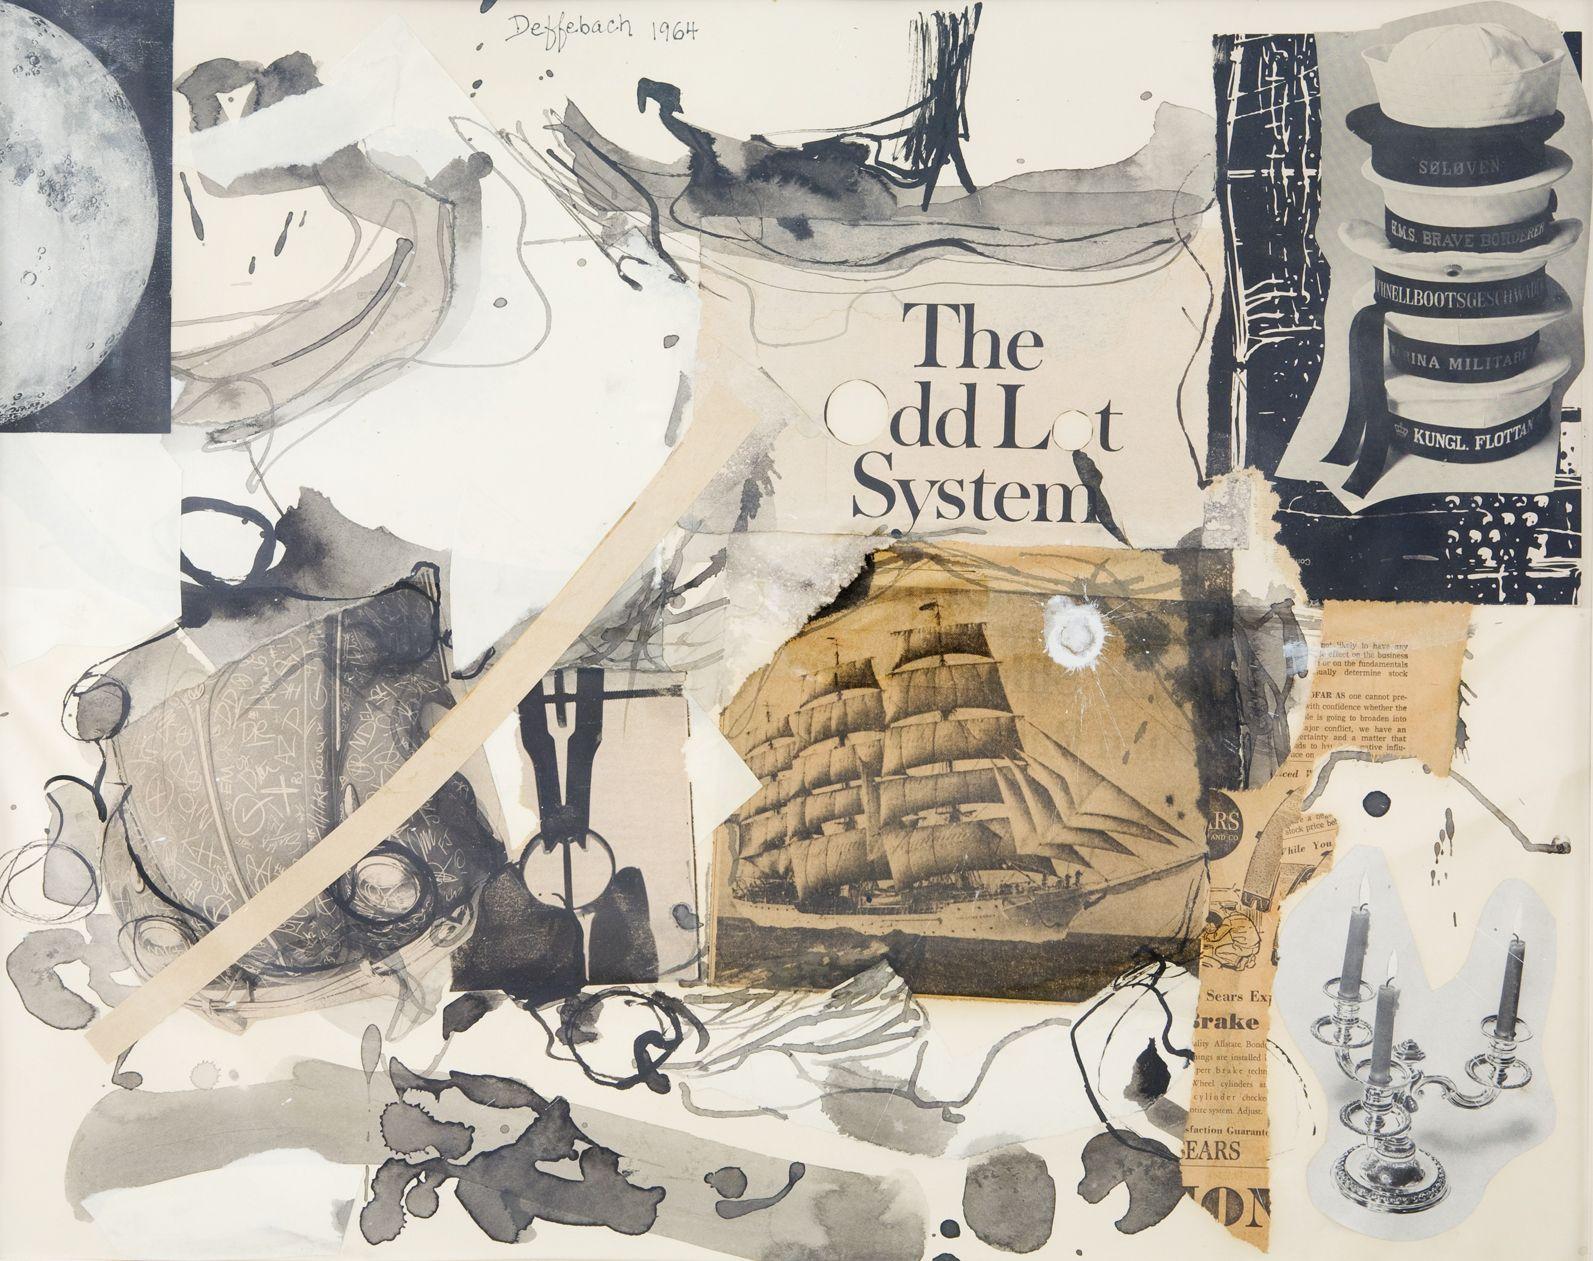 Lee Deffebach, collage, utah artist, utah art